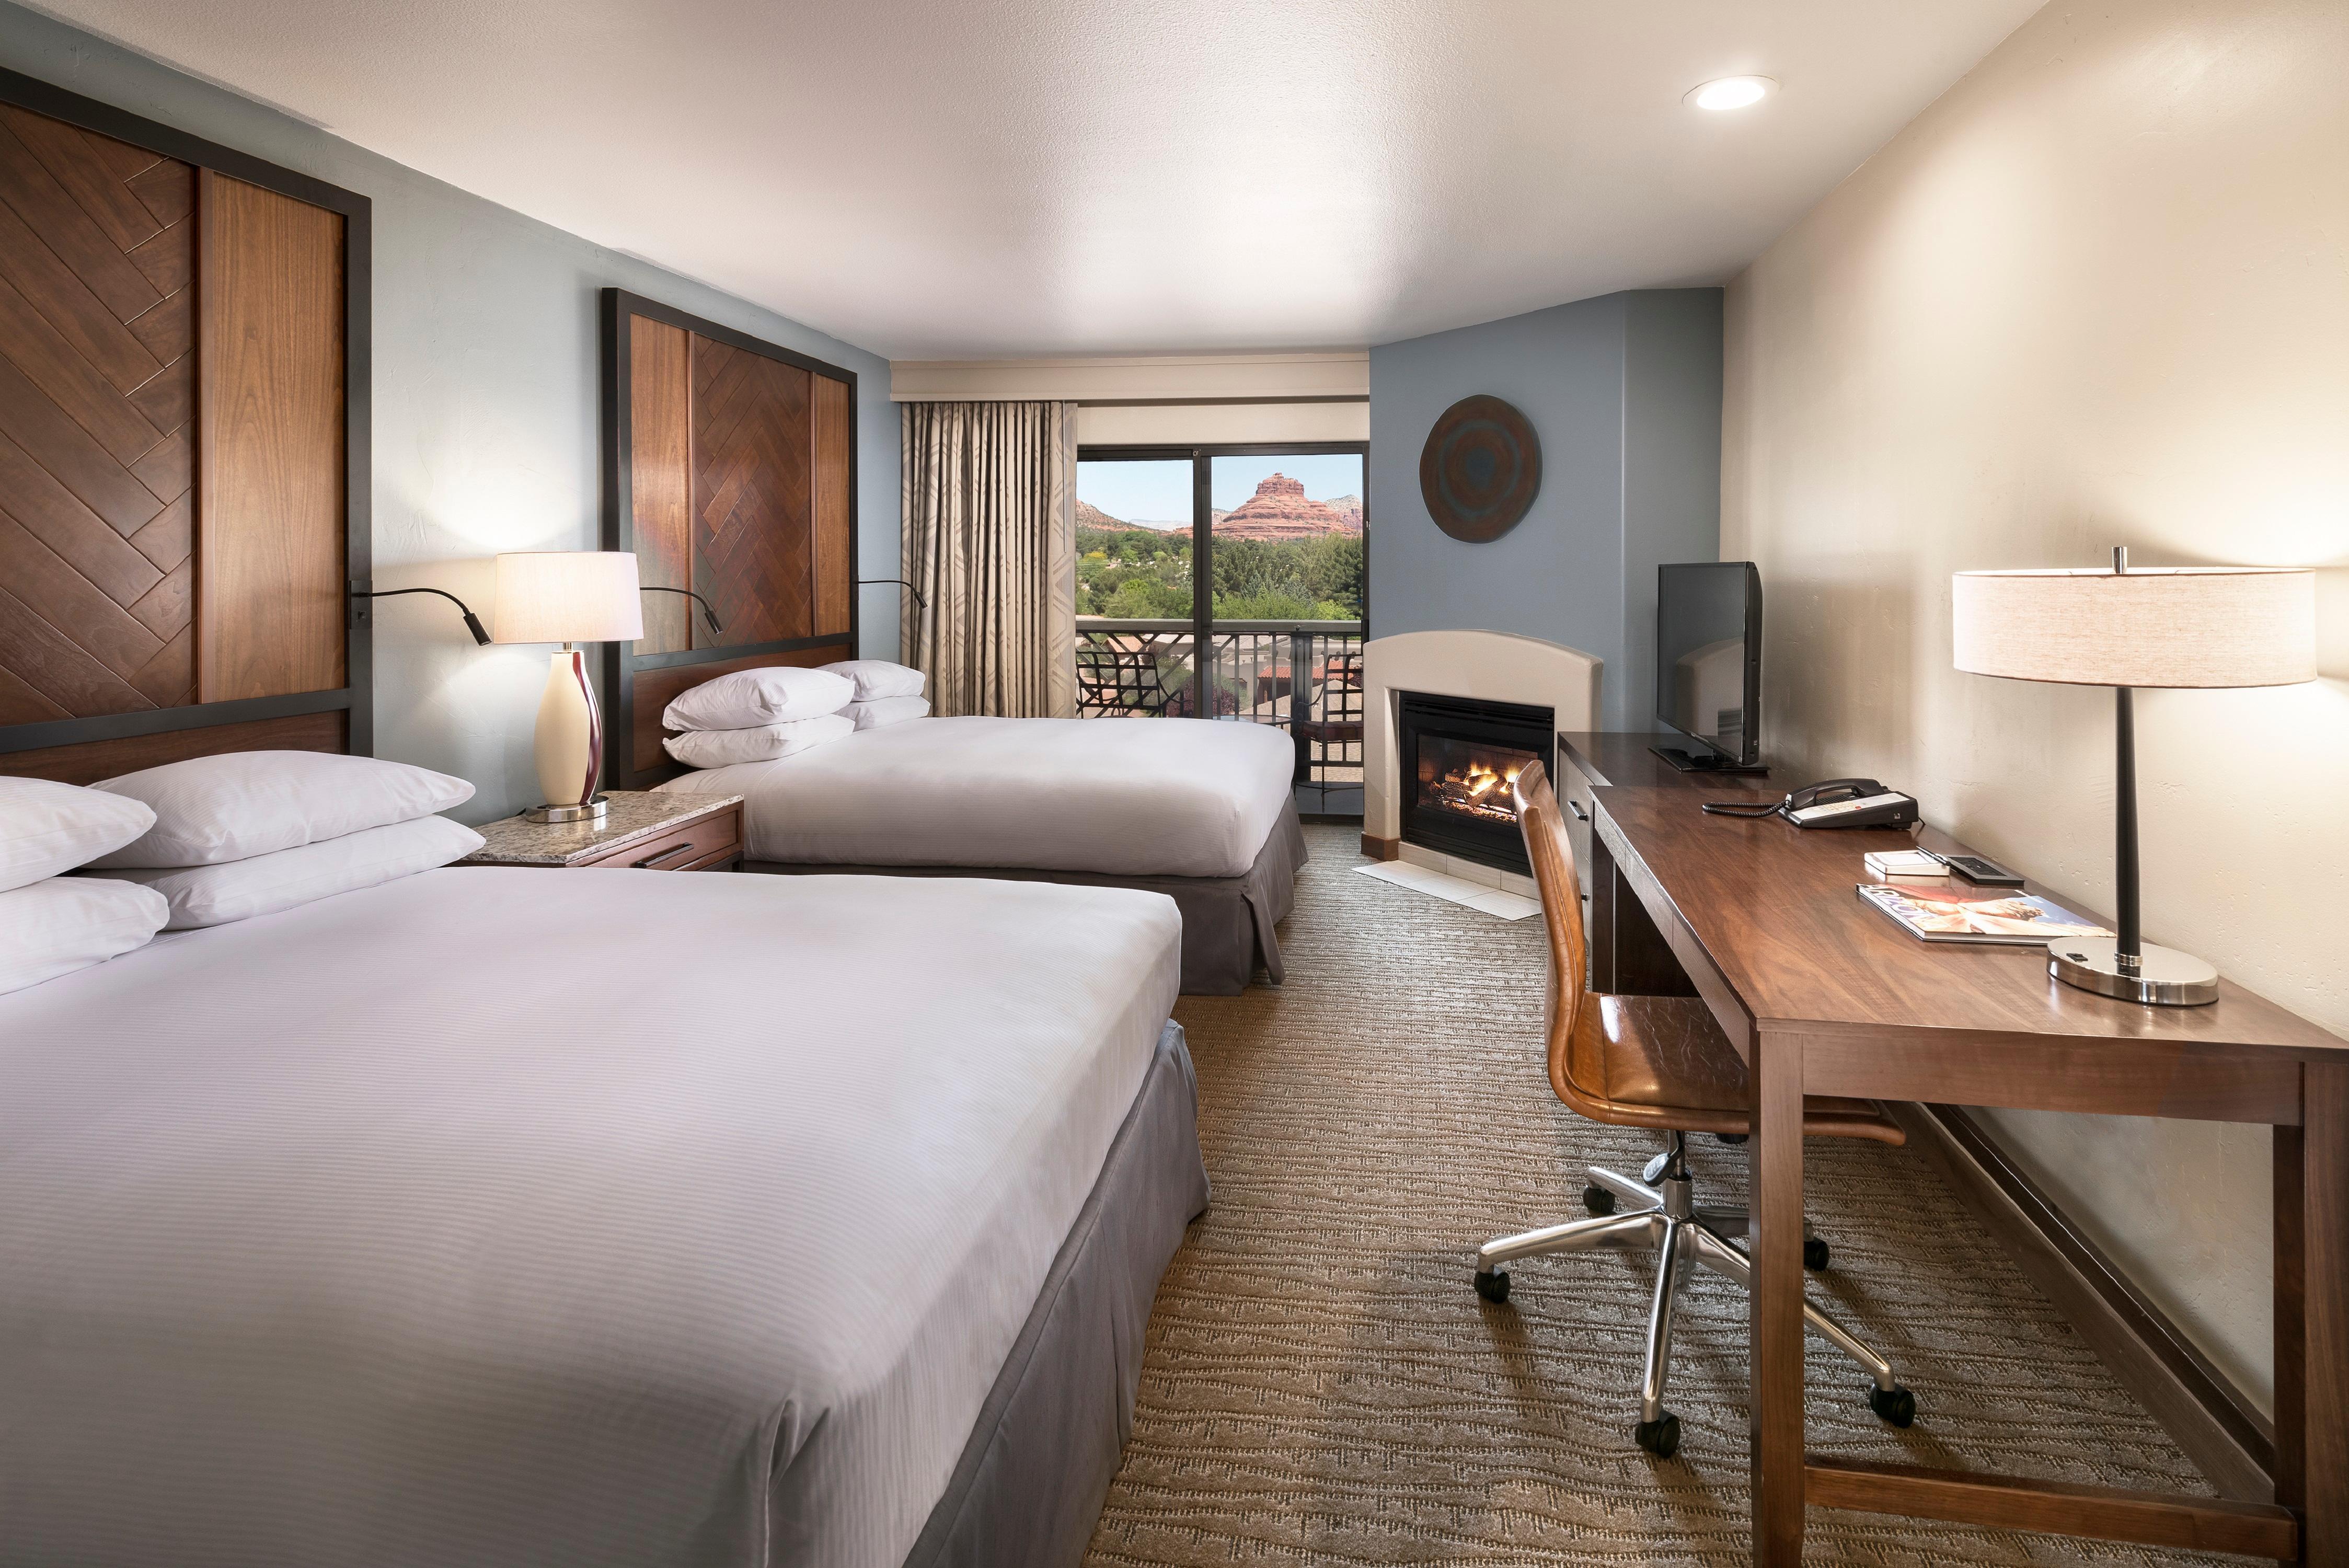 Hilton sedona resort at bell rock sedona arizona az for Sedona cabins and lodges